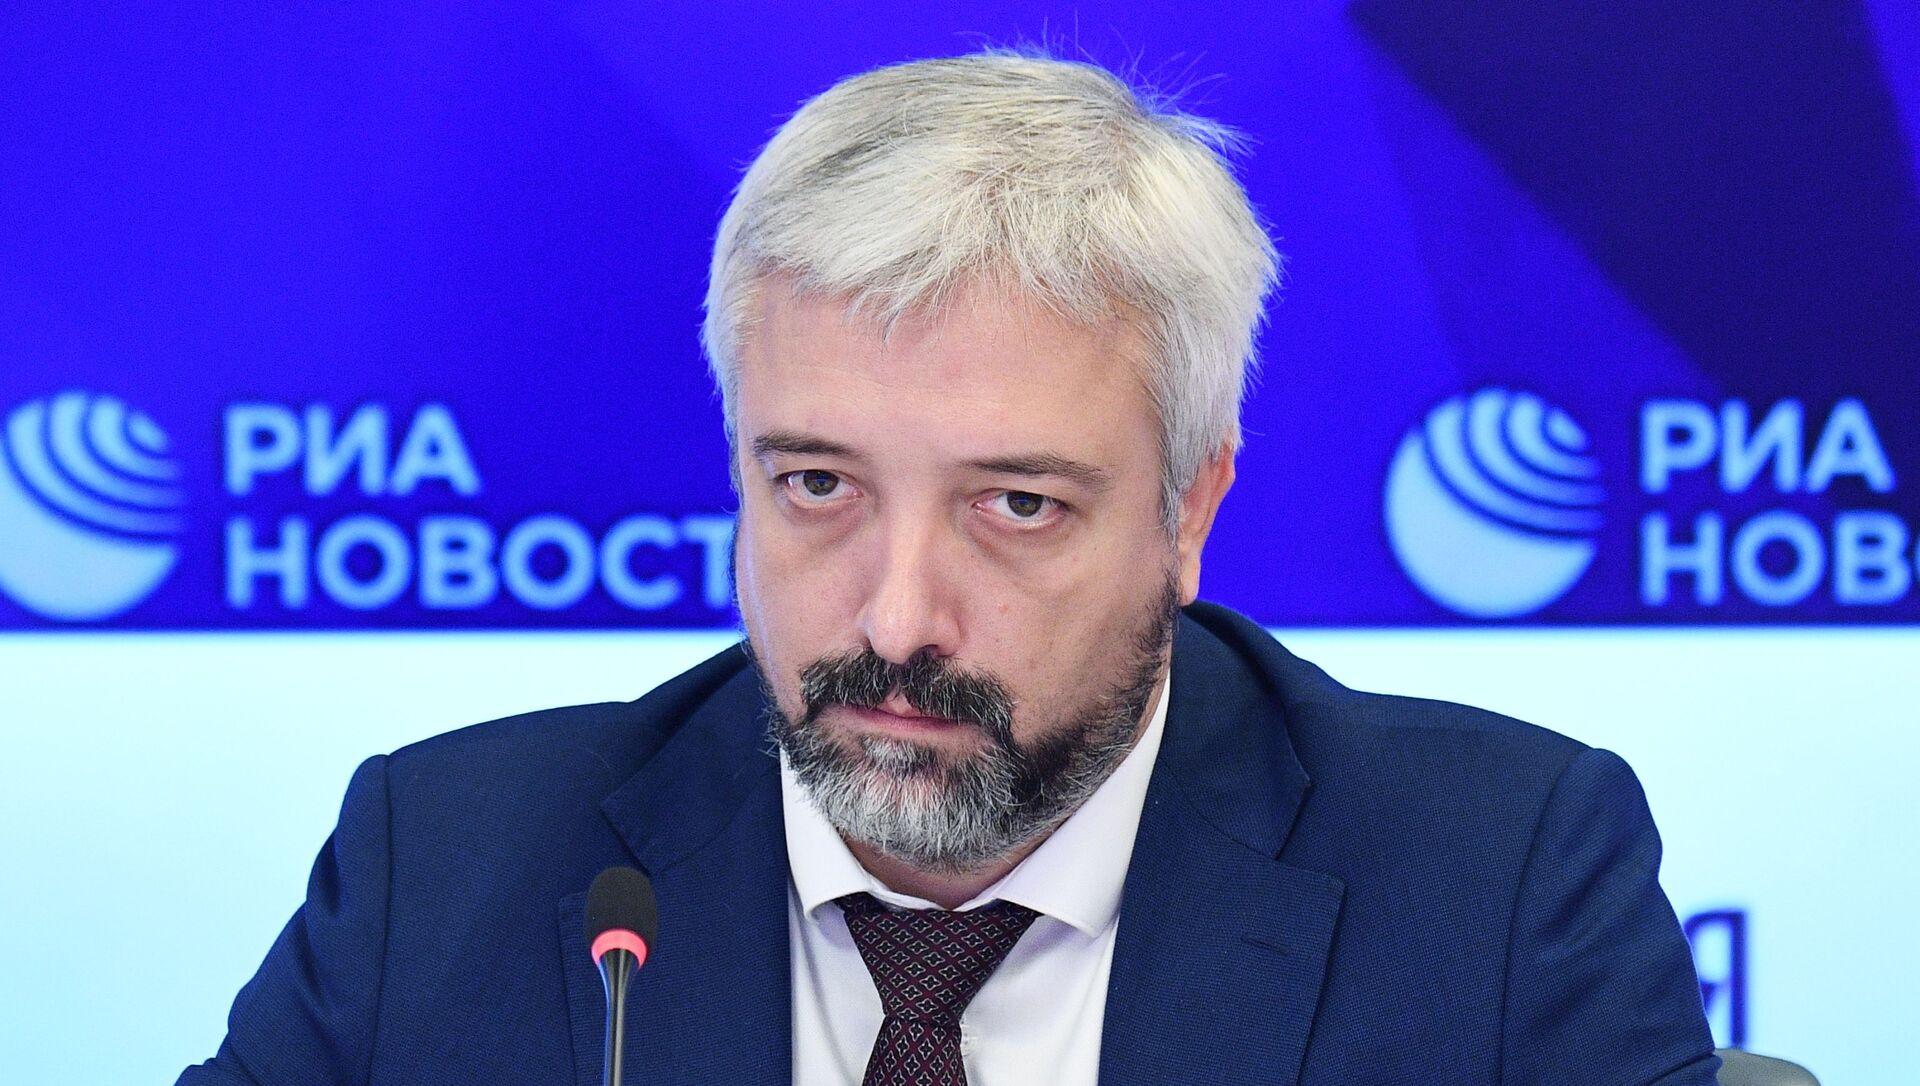 Руководитель Россотрудничества Евгений Примаков  - Sputnik Беларусь, 1920, 31.05.2021